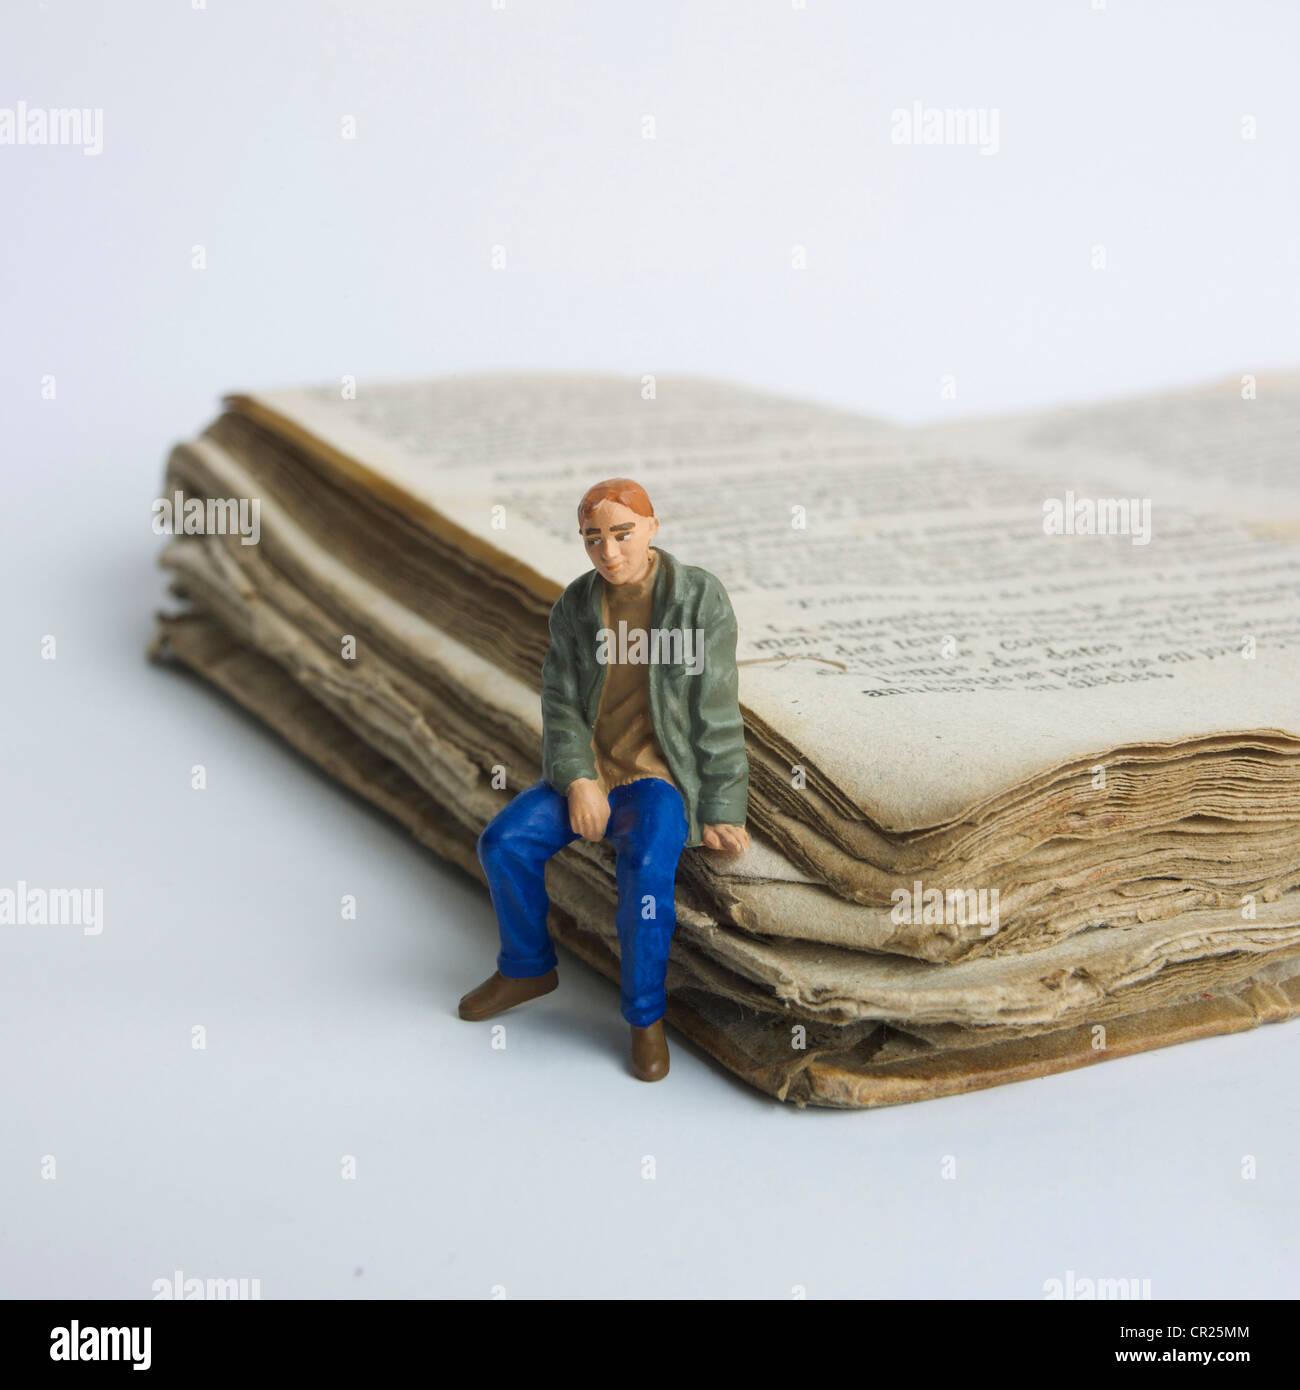 Giovane studente / statuetta in miniatura, seduto su un vecchio libro - Università / Istruzione / Studio / Immagini Stock